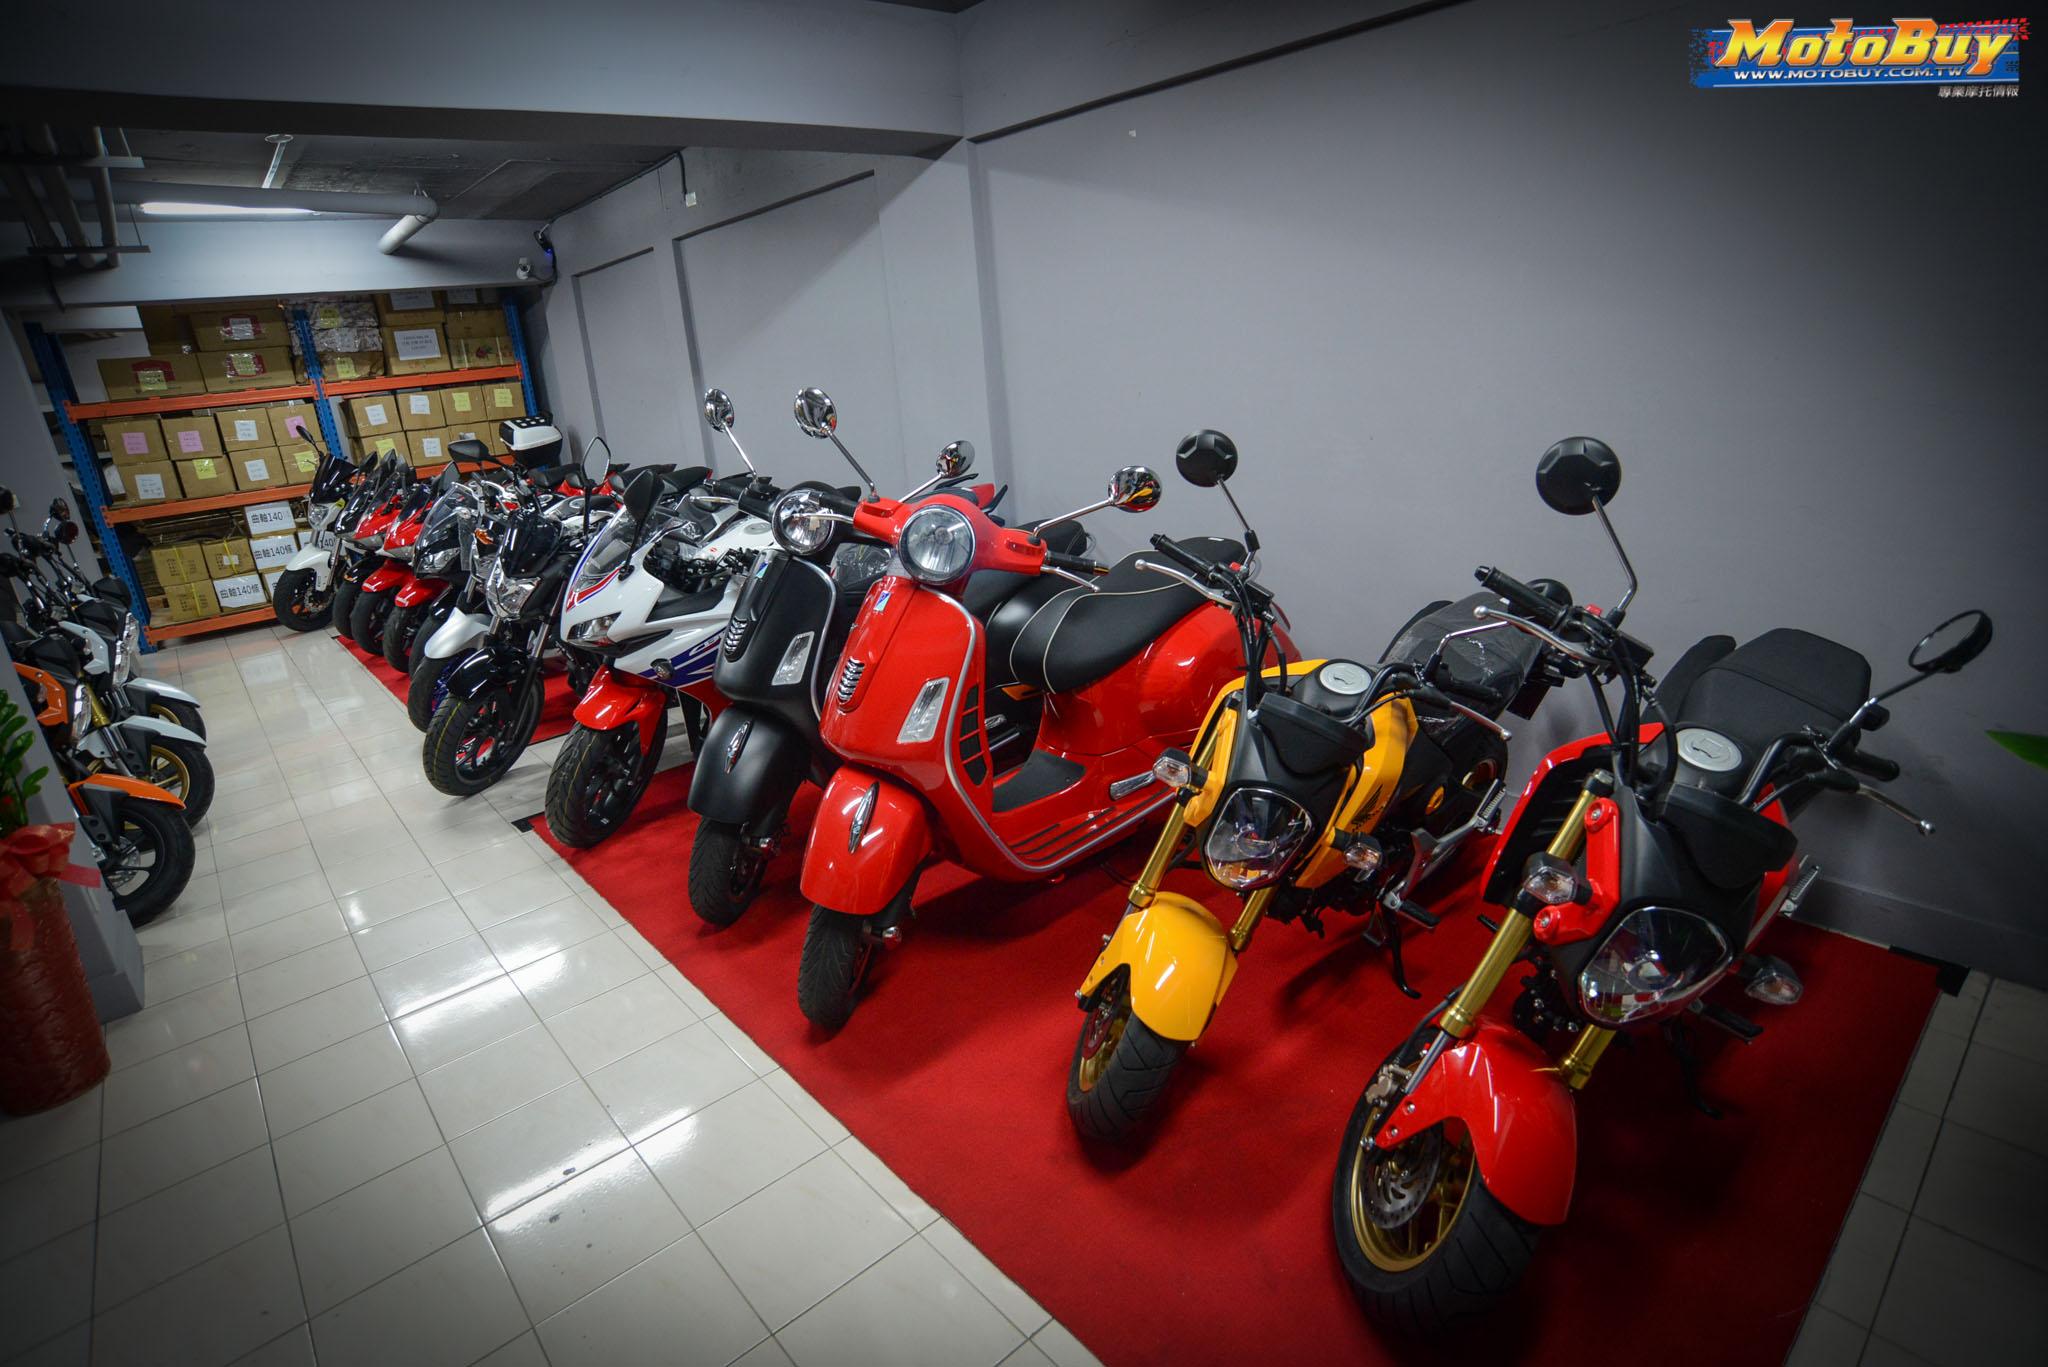 [店家介紹] 武田團隊新據點開幕!專業分工,服務加值 - 武田重車   MotoBuy